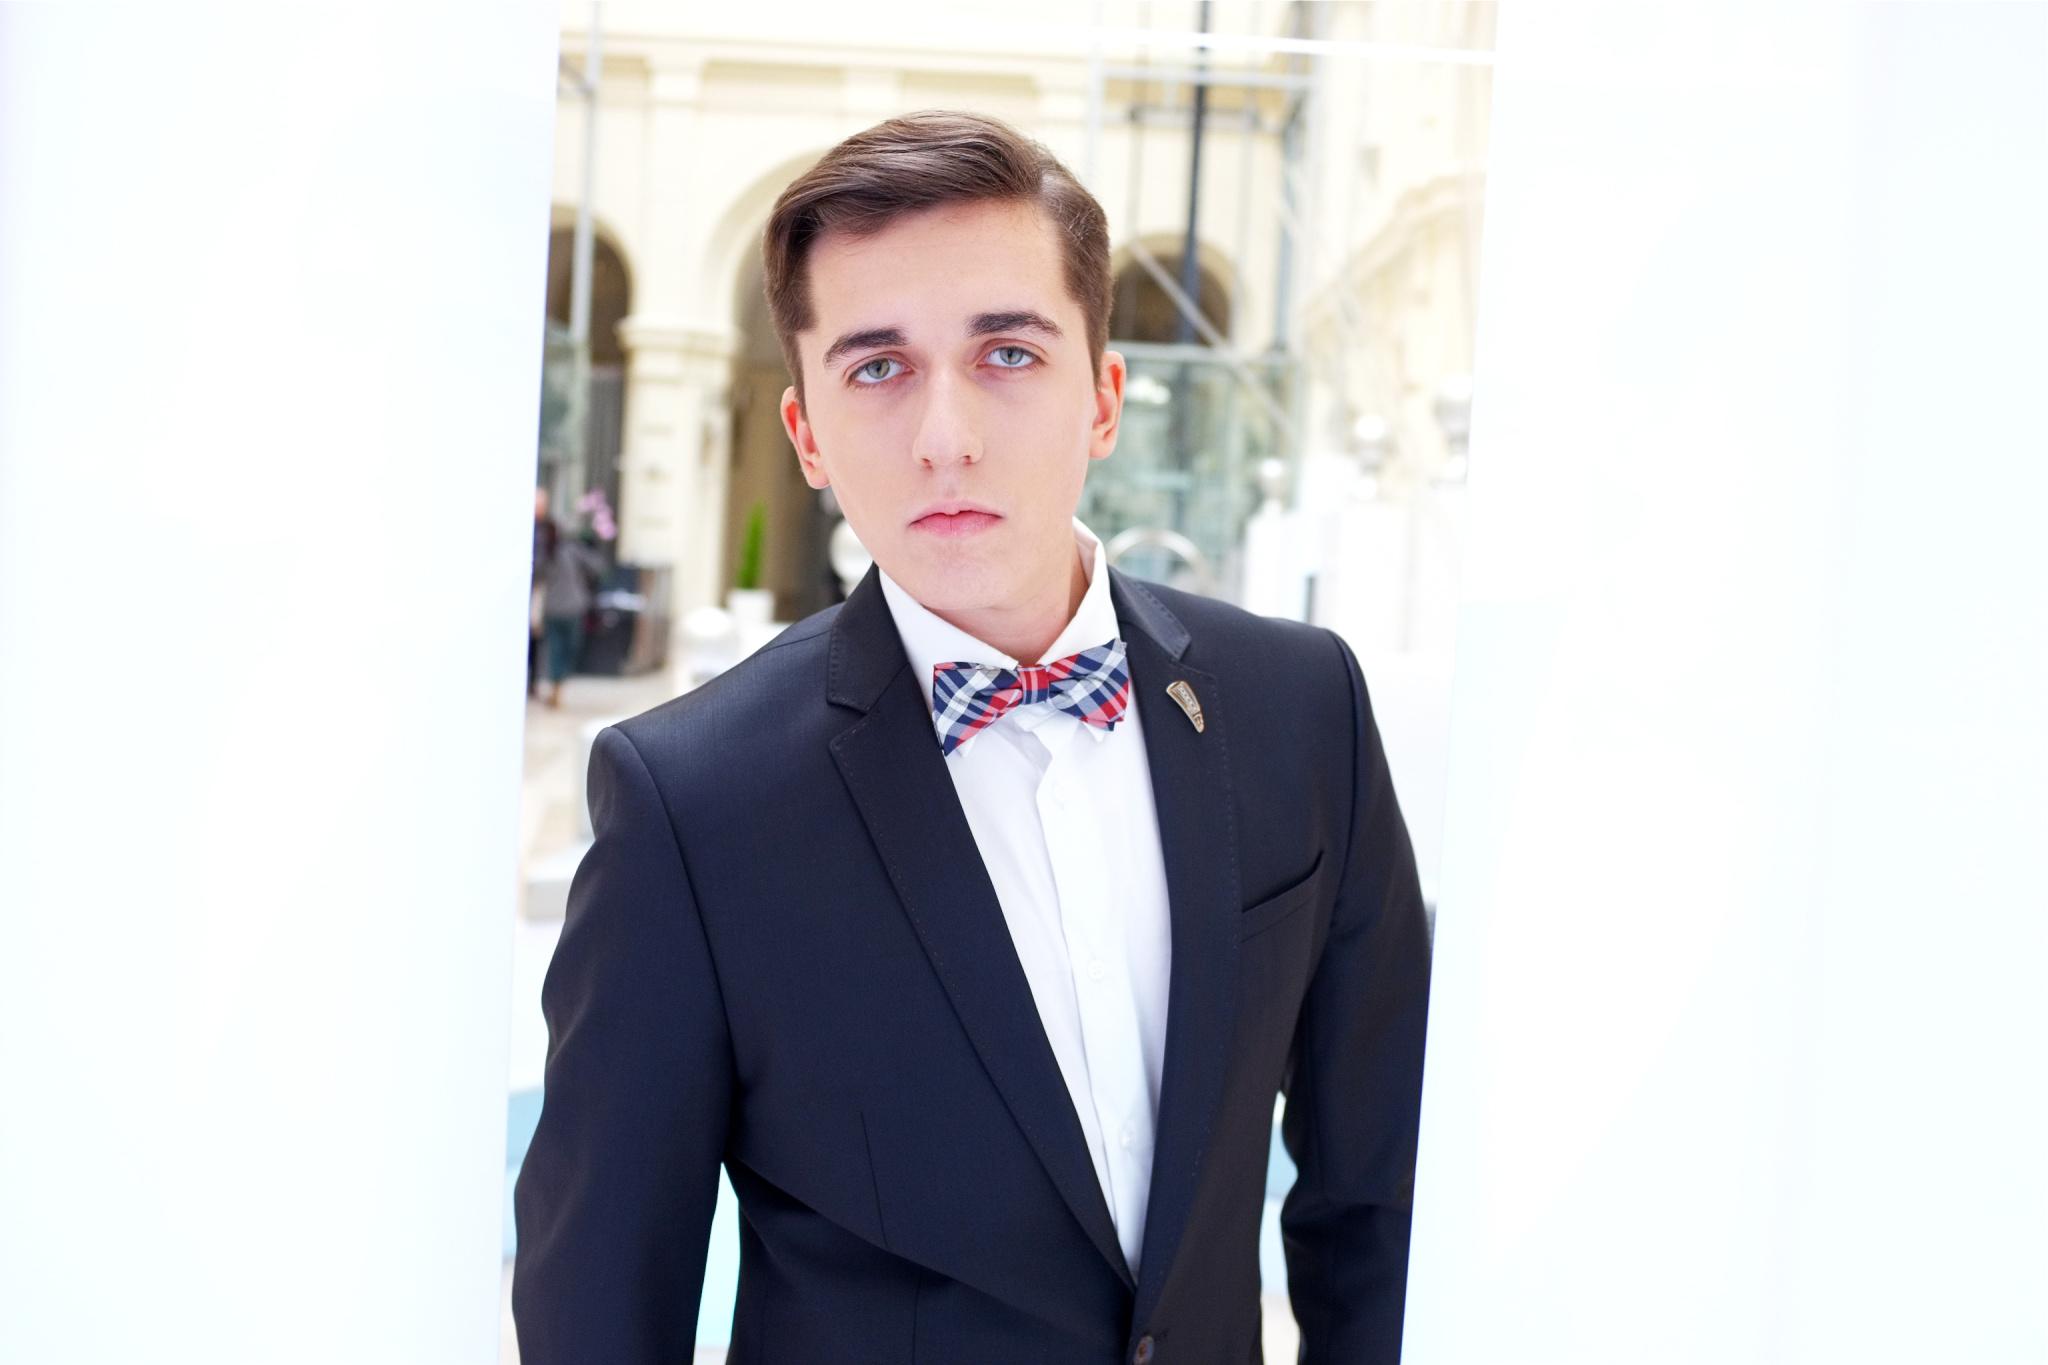 Porträtschule I: Die Basis des Erfolgs?